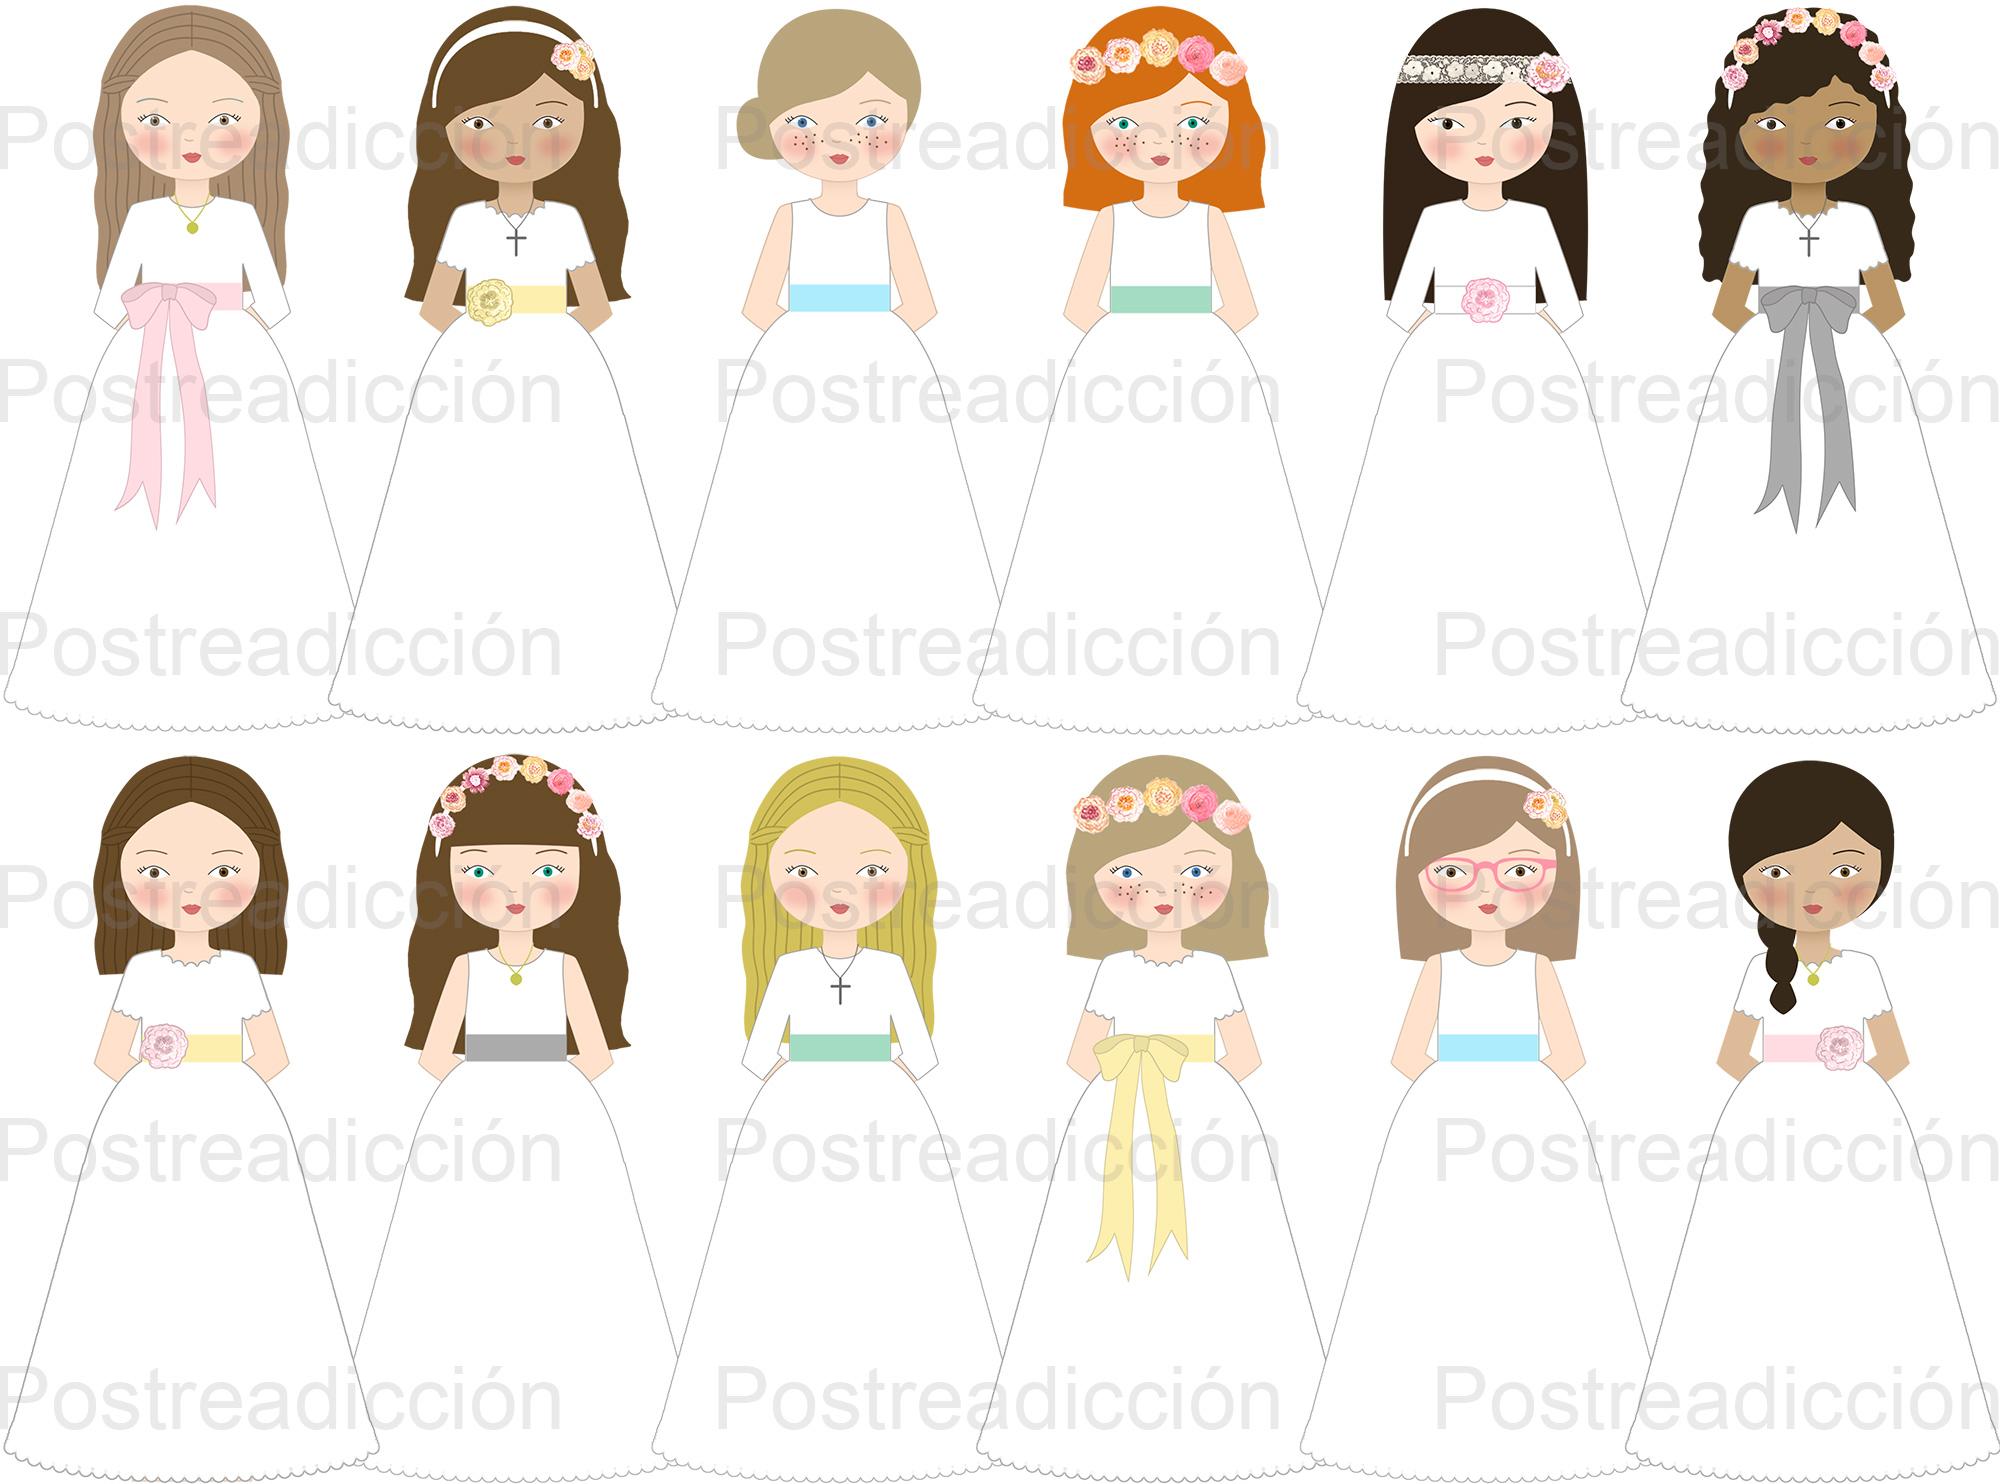 Imagen de producto: https://tienda.postreadiccion.com/img/articulos/secundarias13207-4-bolsitas-con-3-napolitanas-de-comunion-carlota-4.jpg